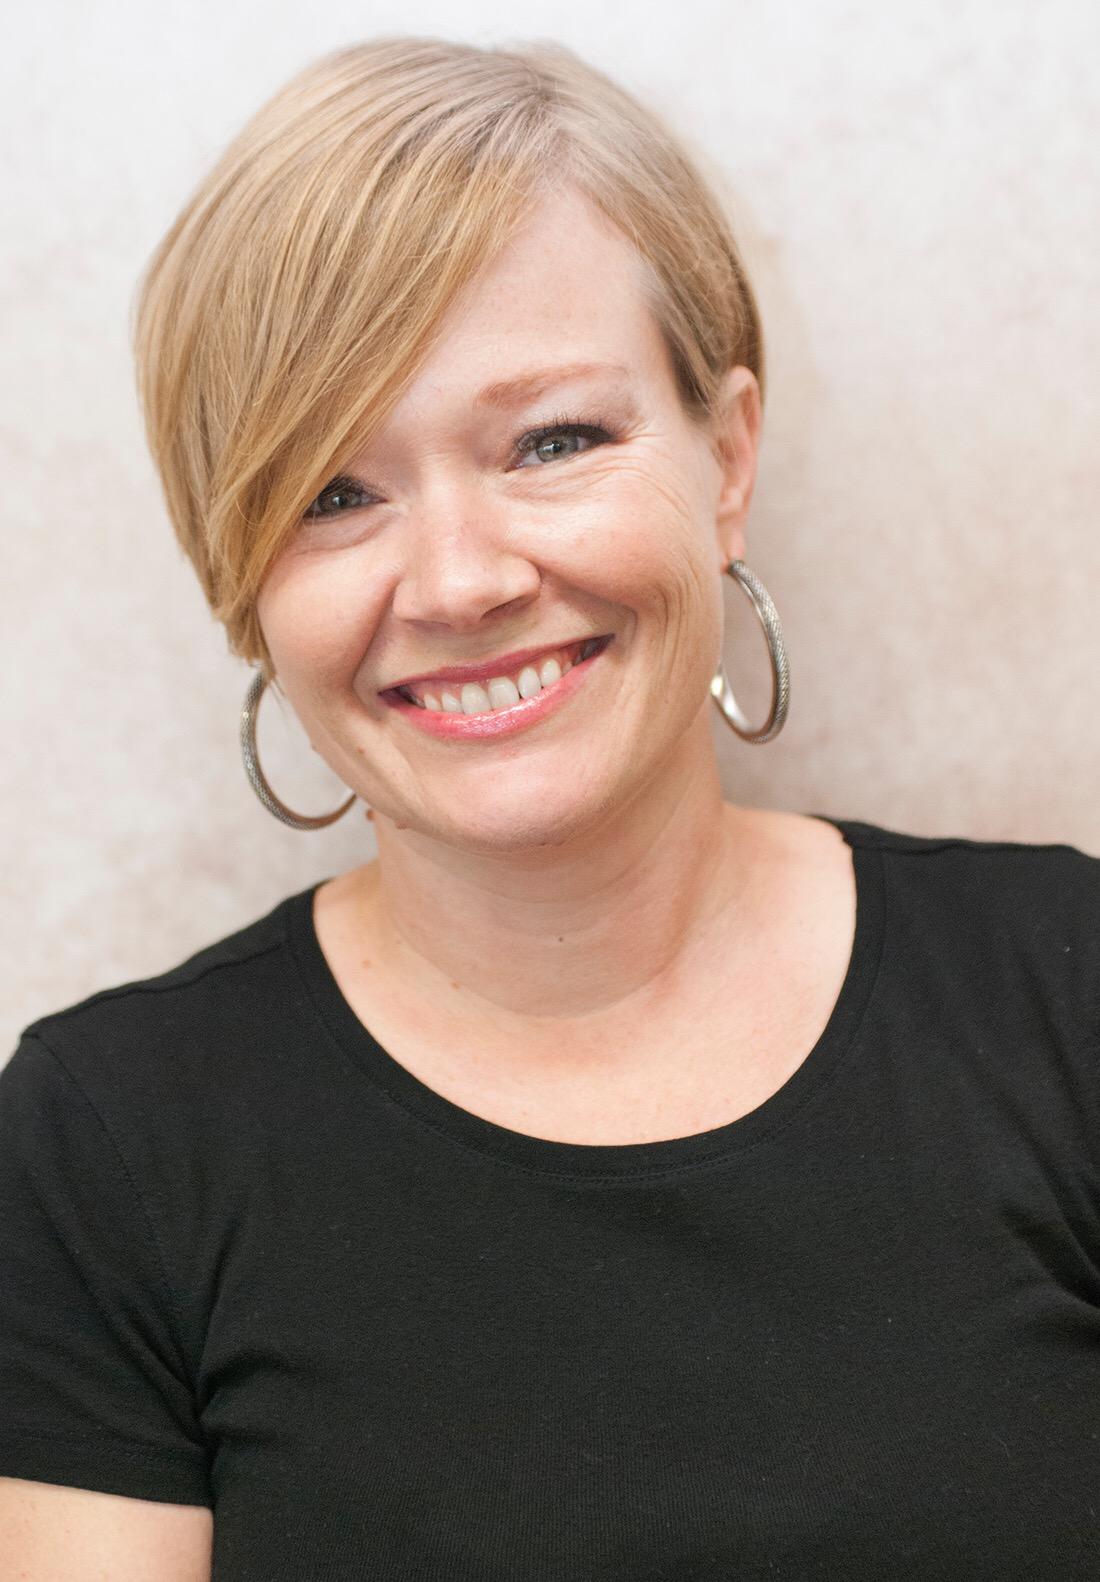 Erica Colon